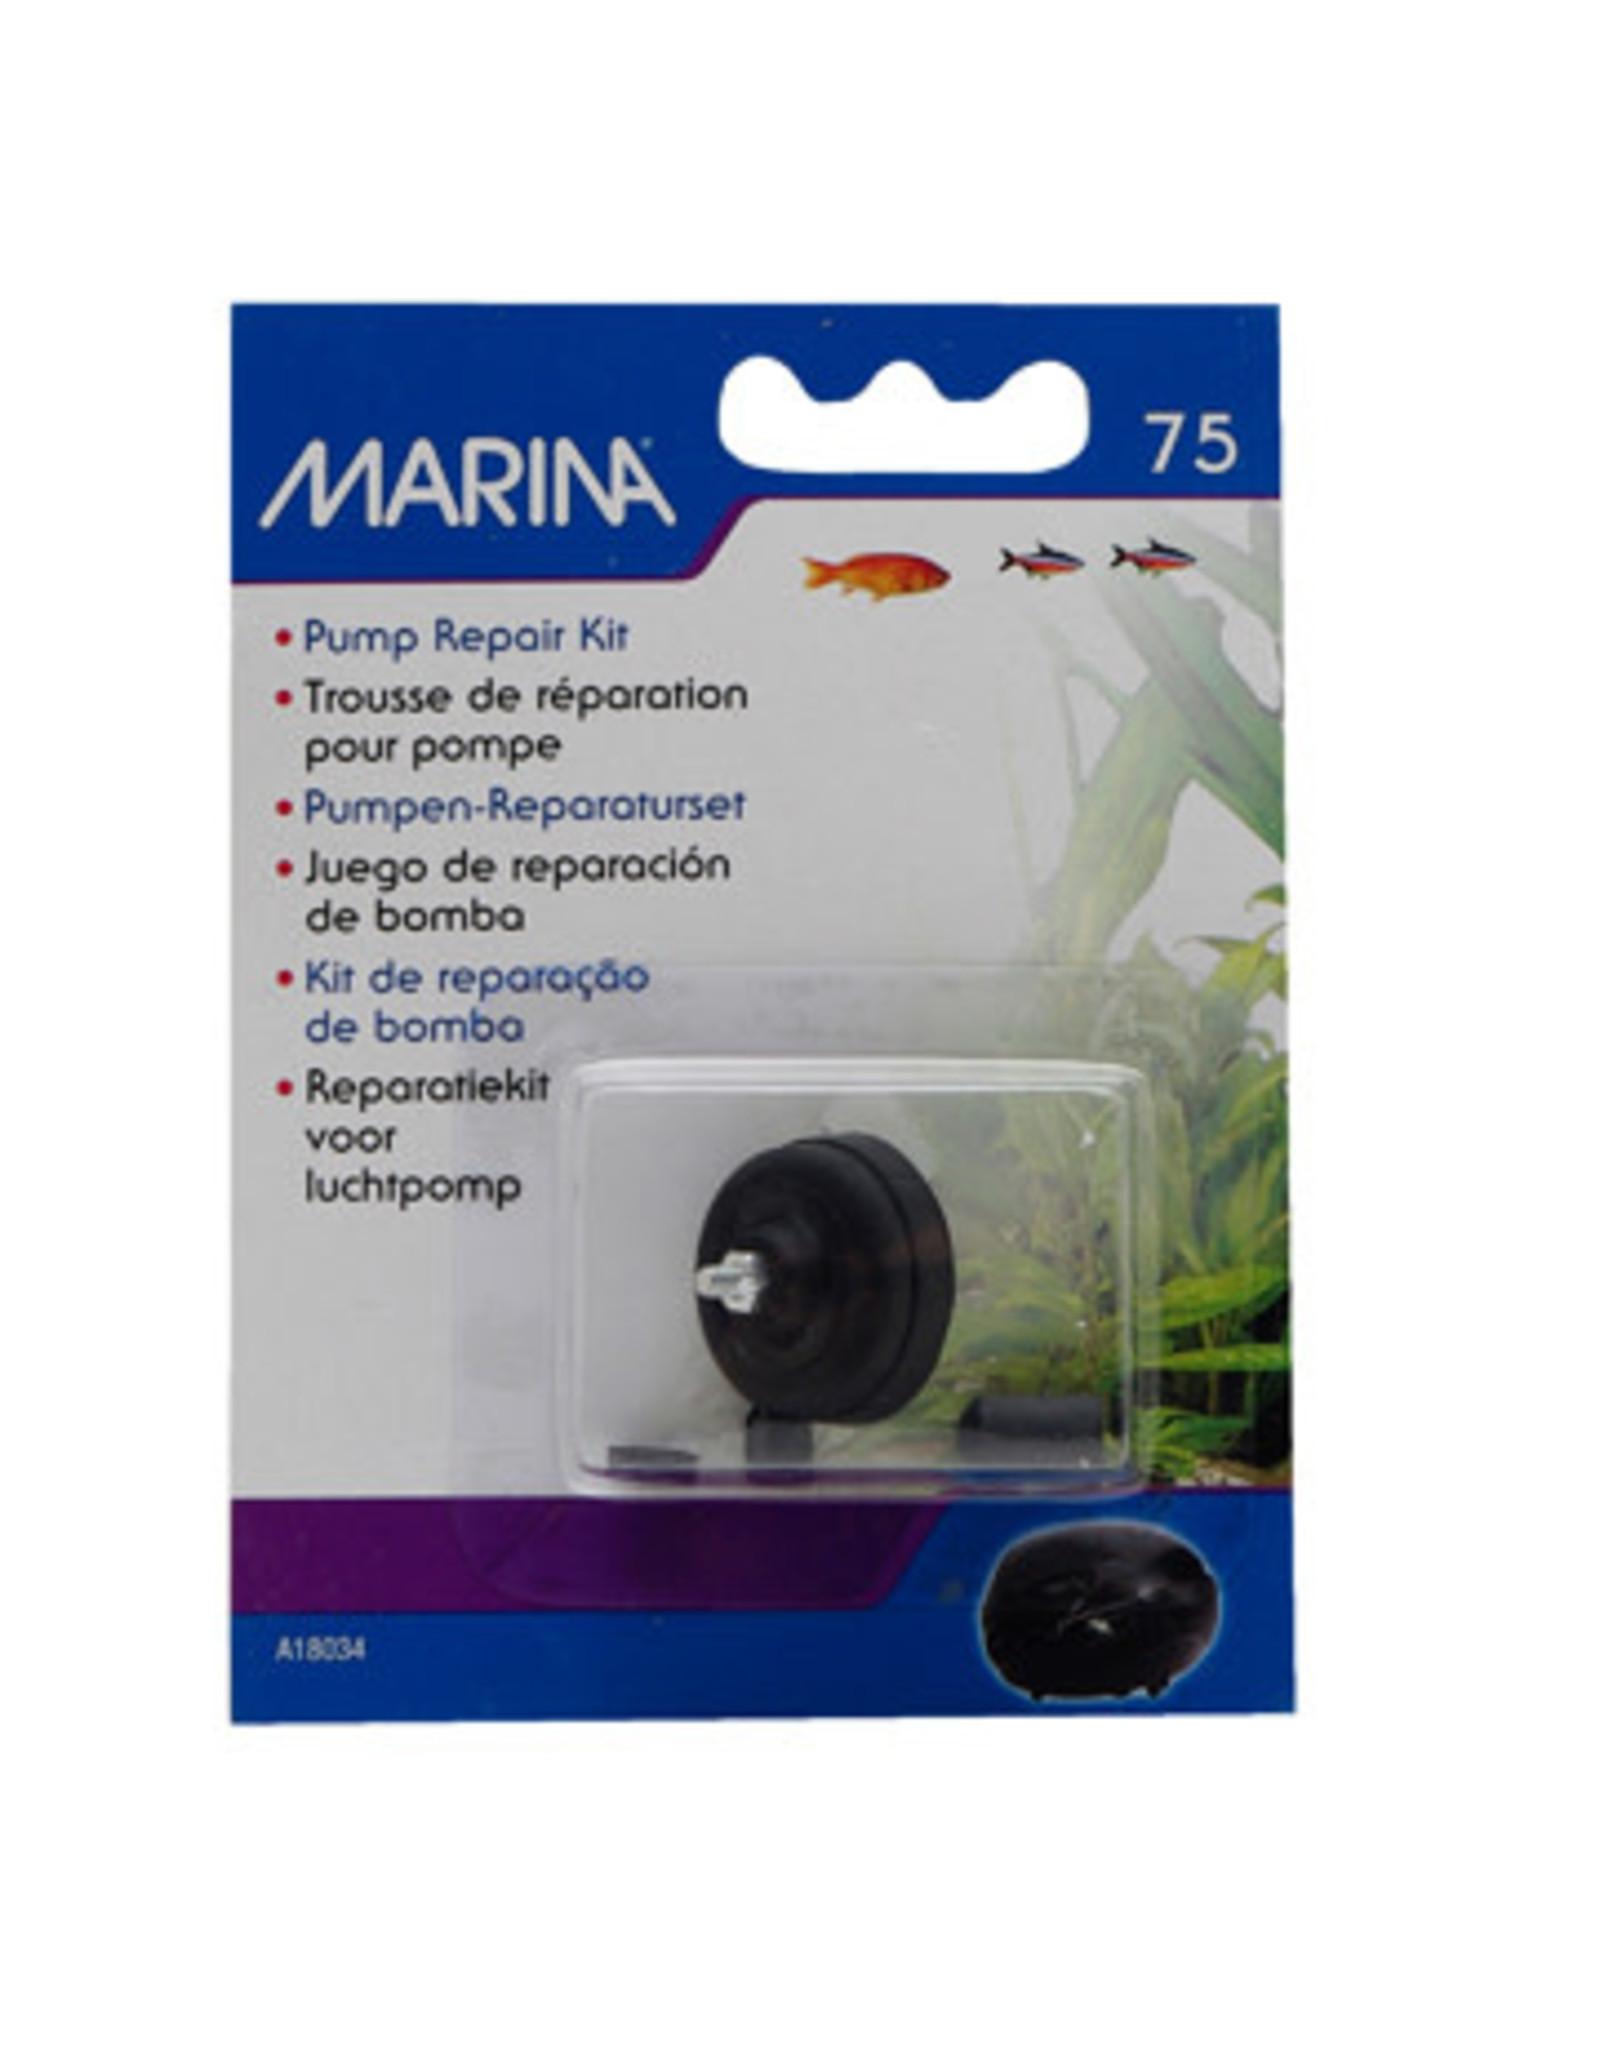 Marina Marina 75 Air pump Repair Kit